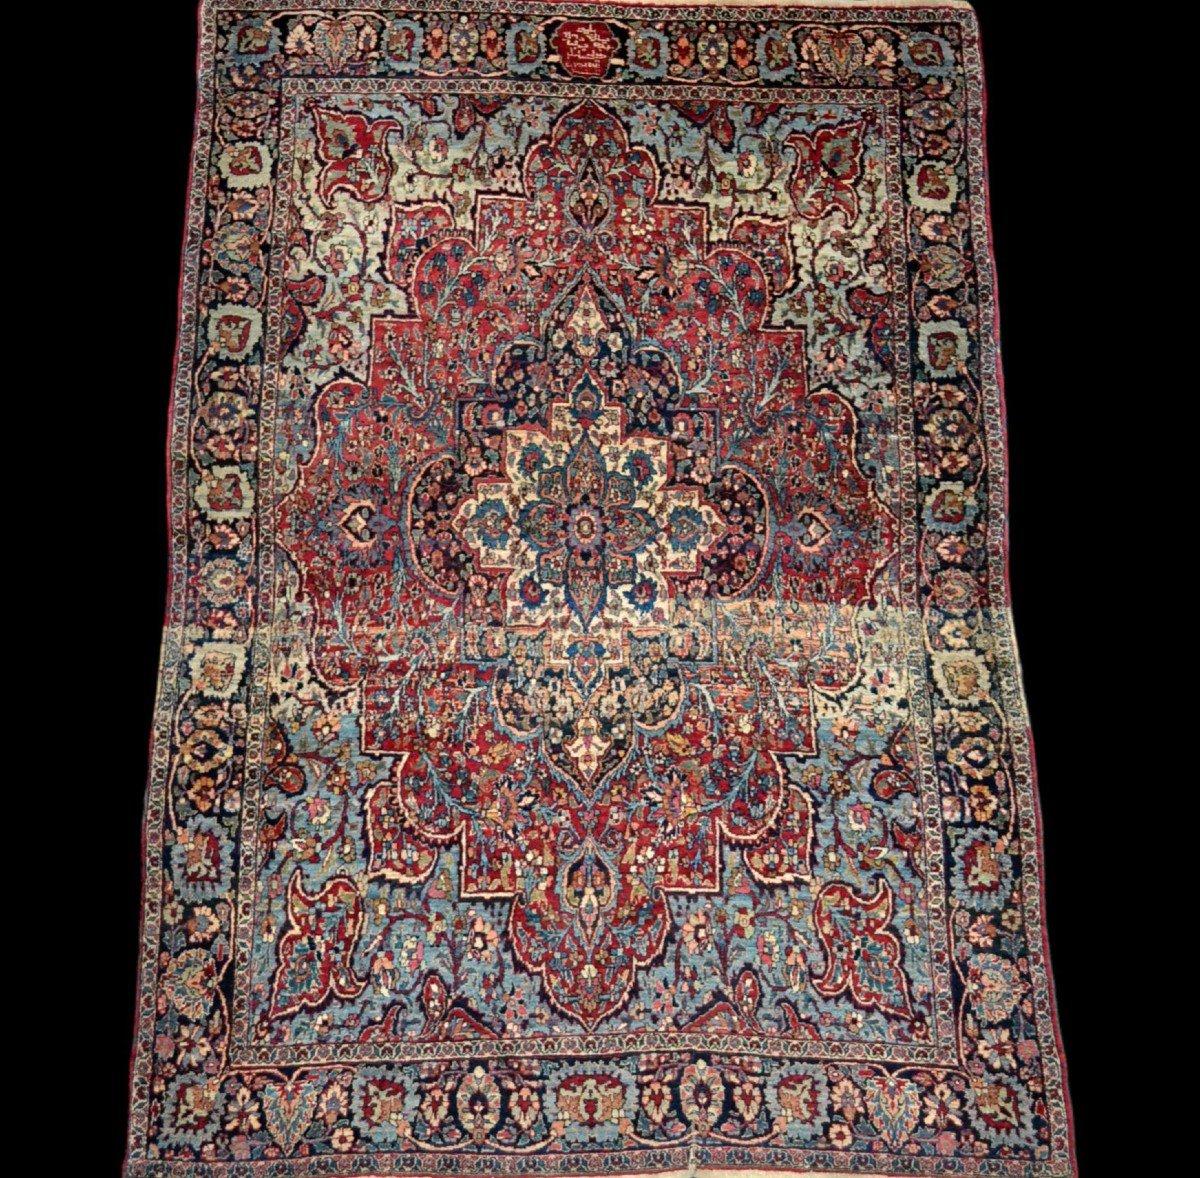 Tapis Persan Ghom ancien, signé, daté, laine et soie, 135 cm x 197 cm, Iran, très bon état